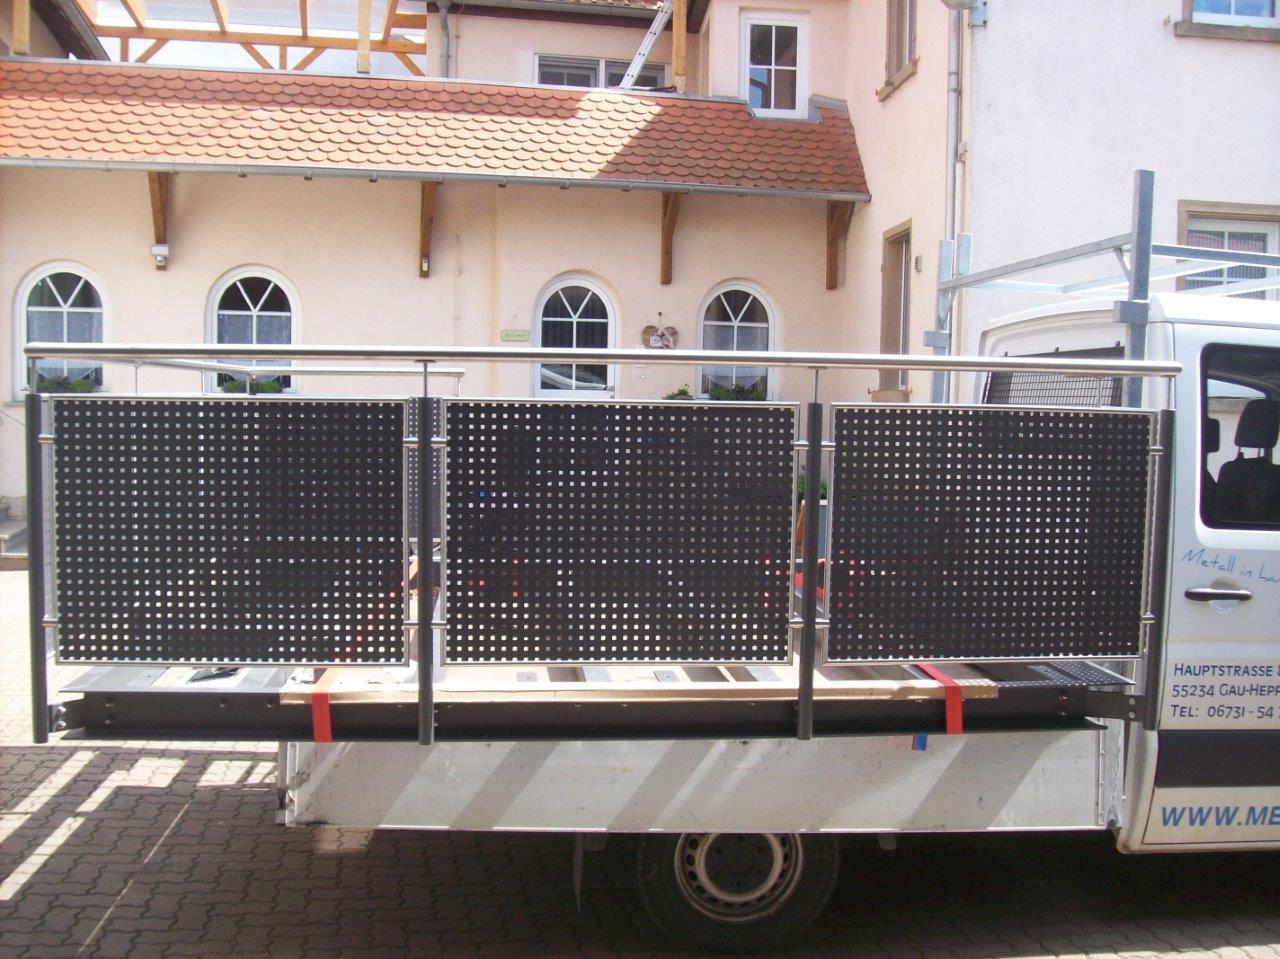 Balkonanbau1